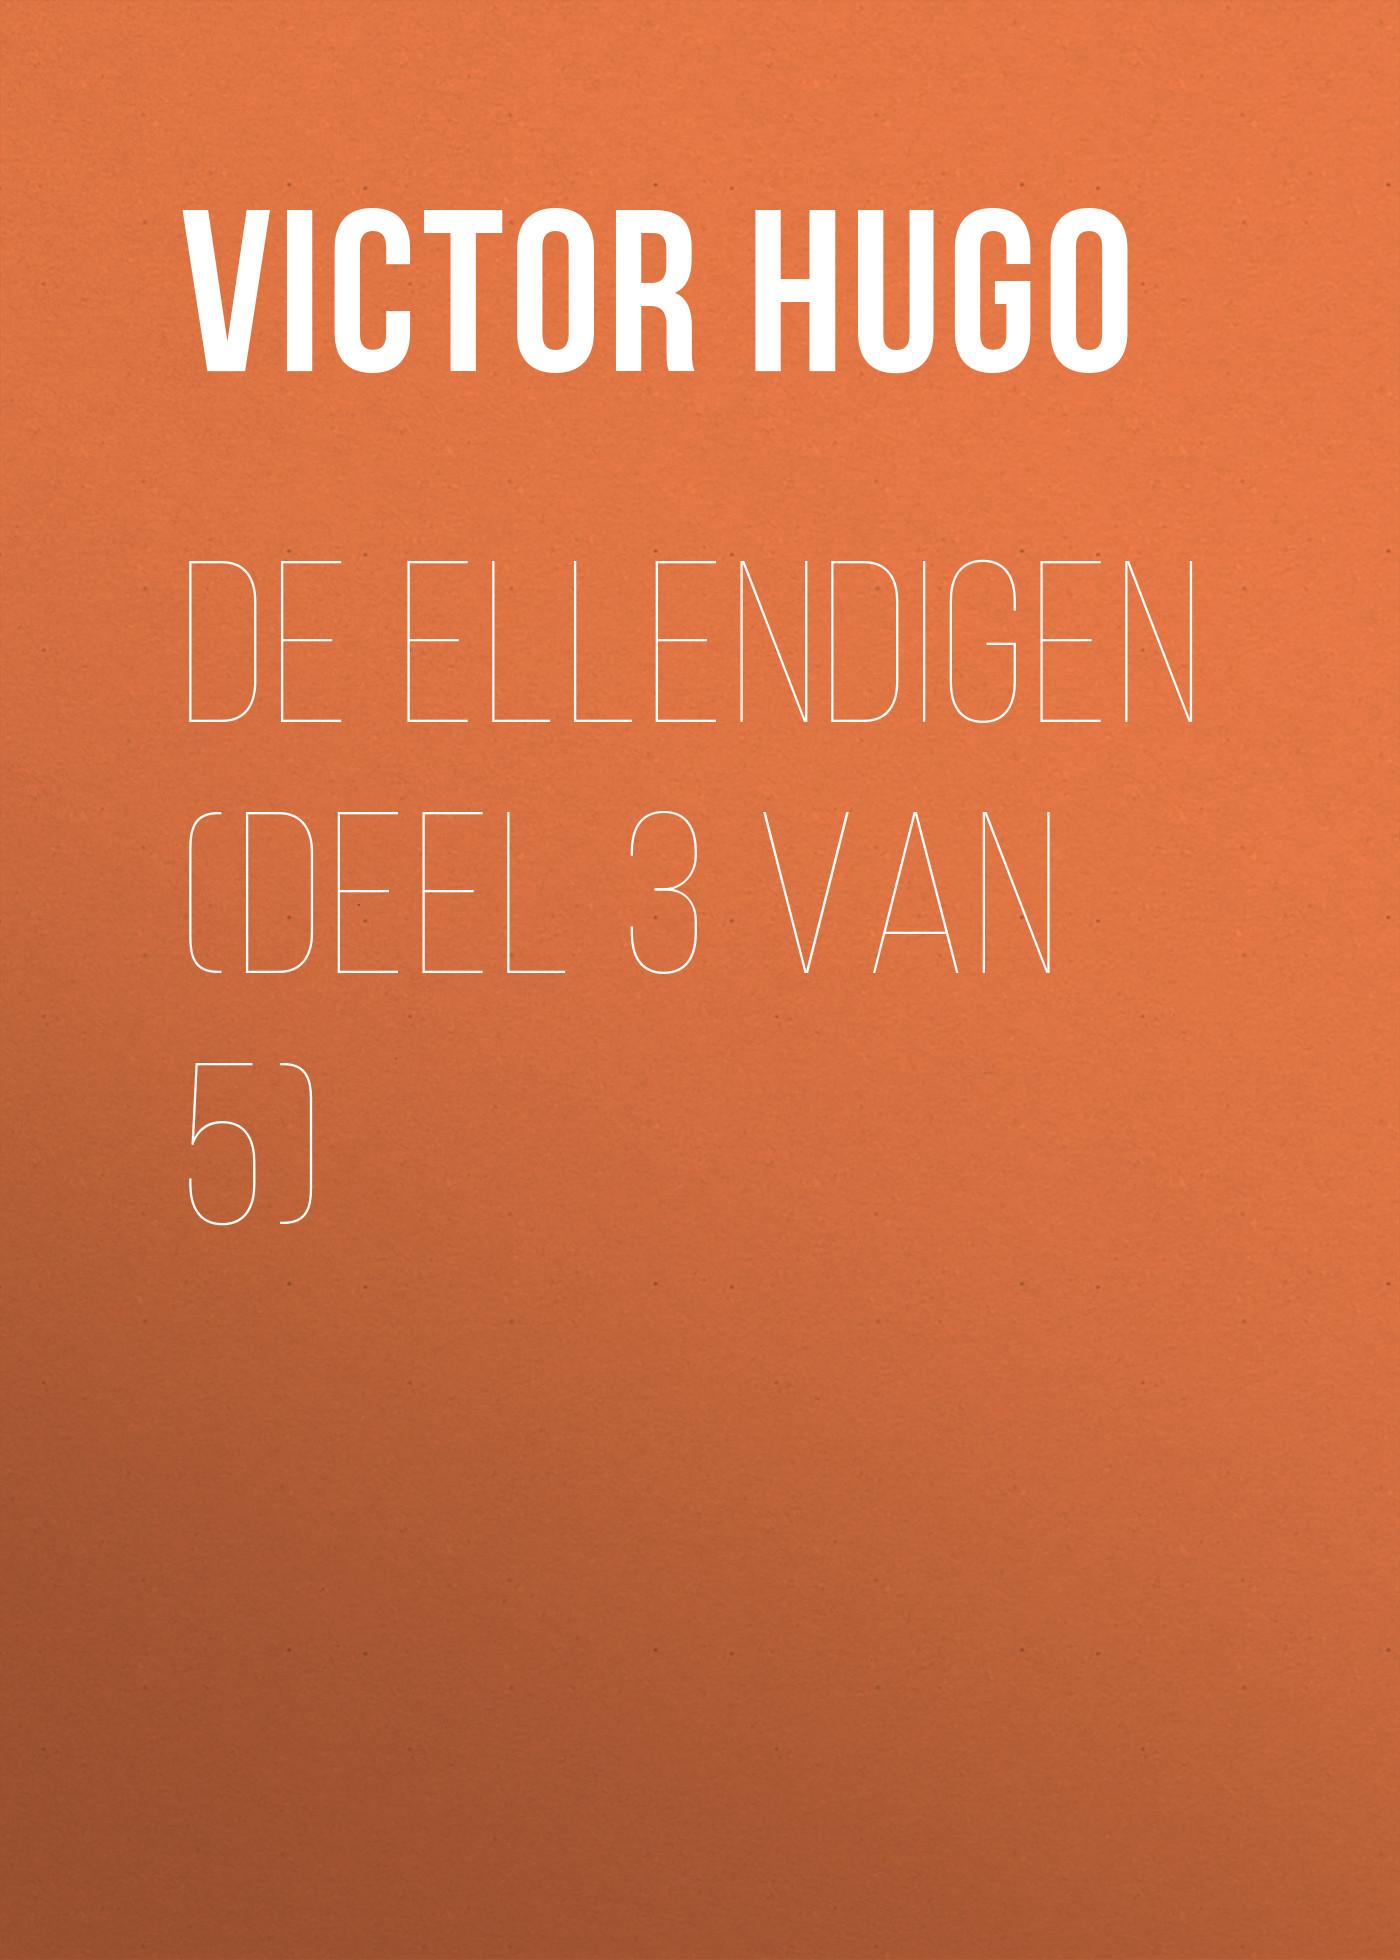 лучшая цена Виктор Мари Гюго De Ellendigen (Deel 3 van 5)